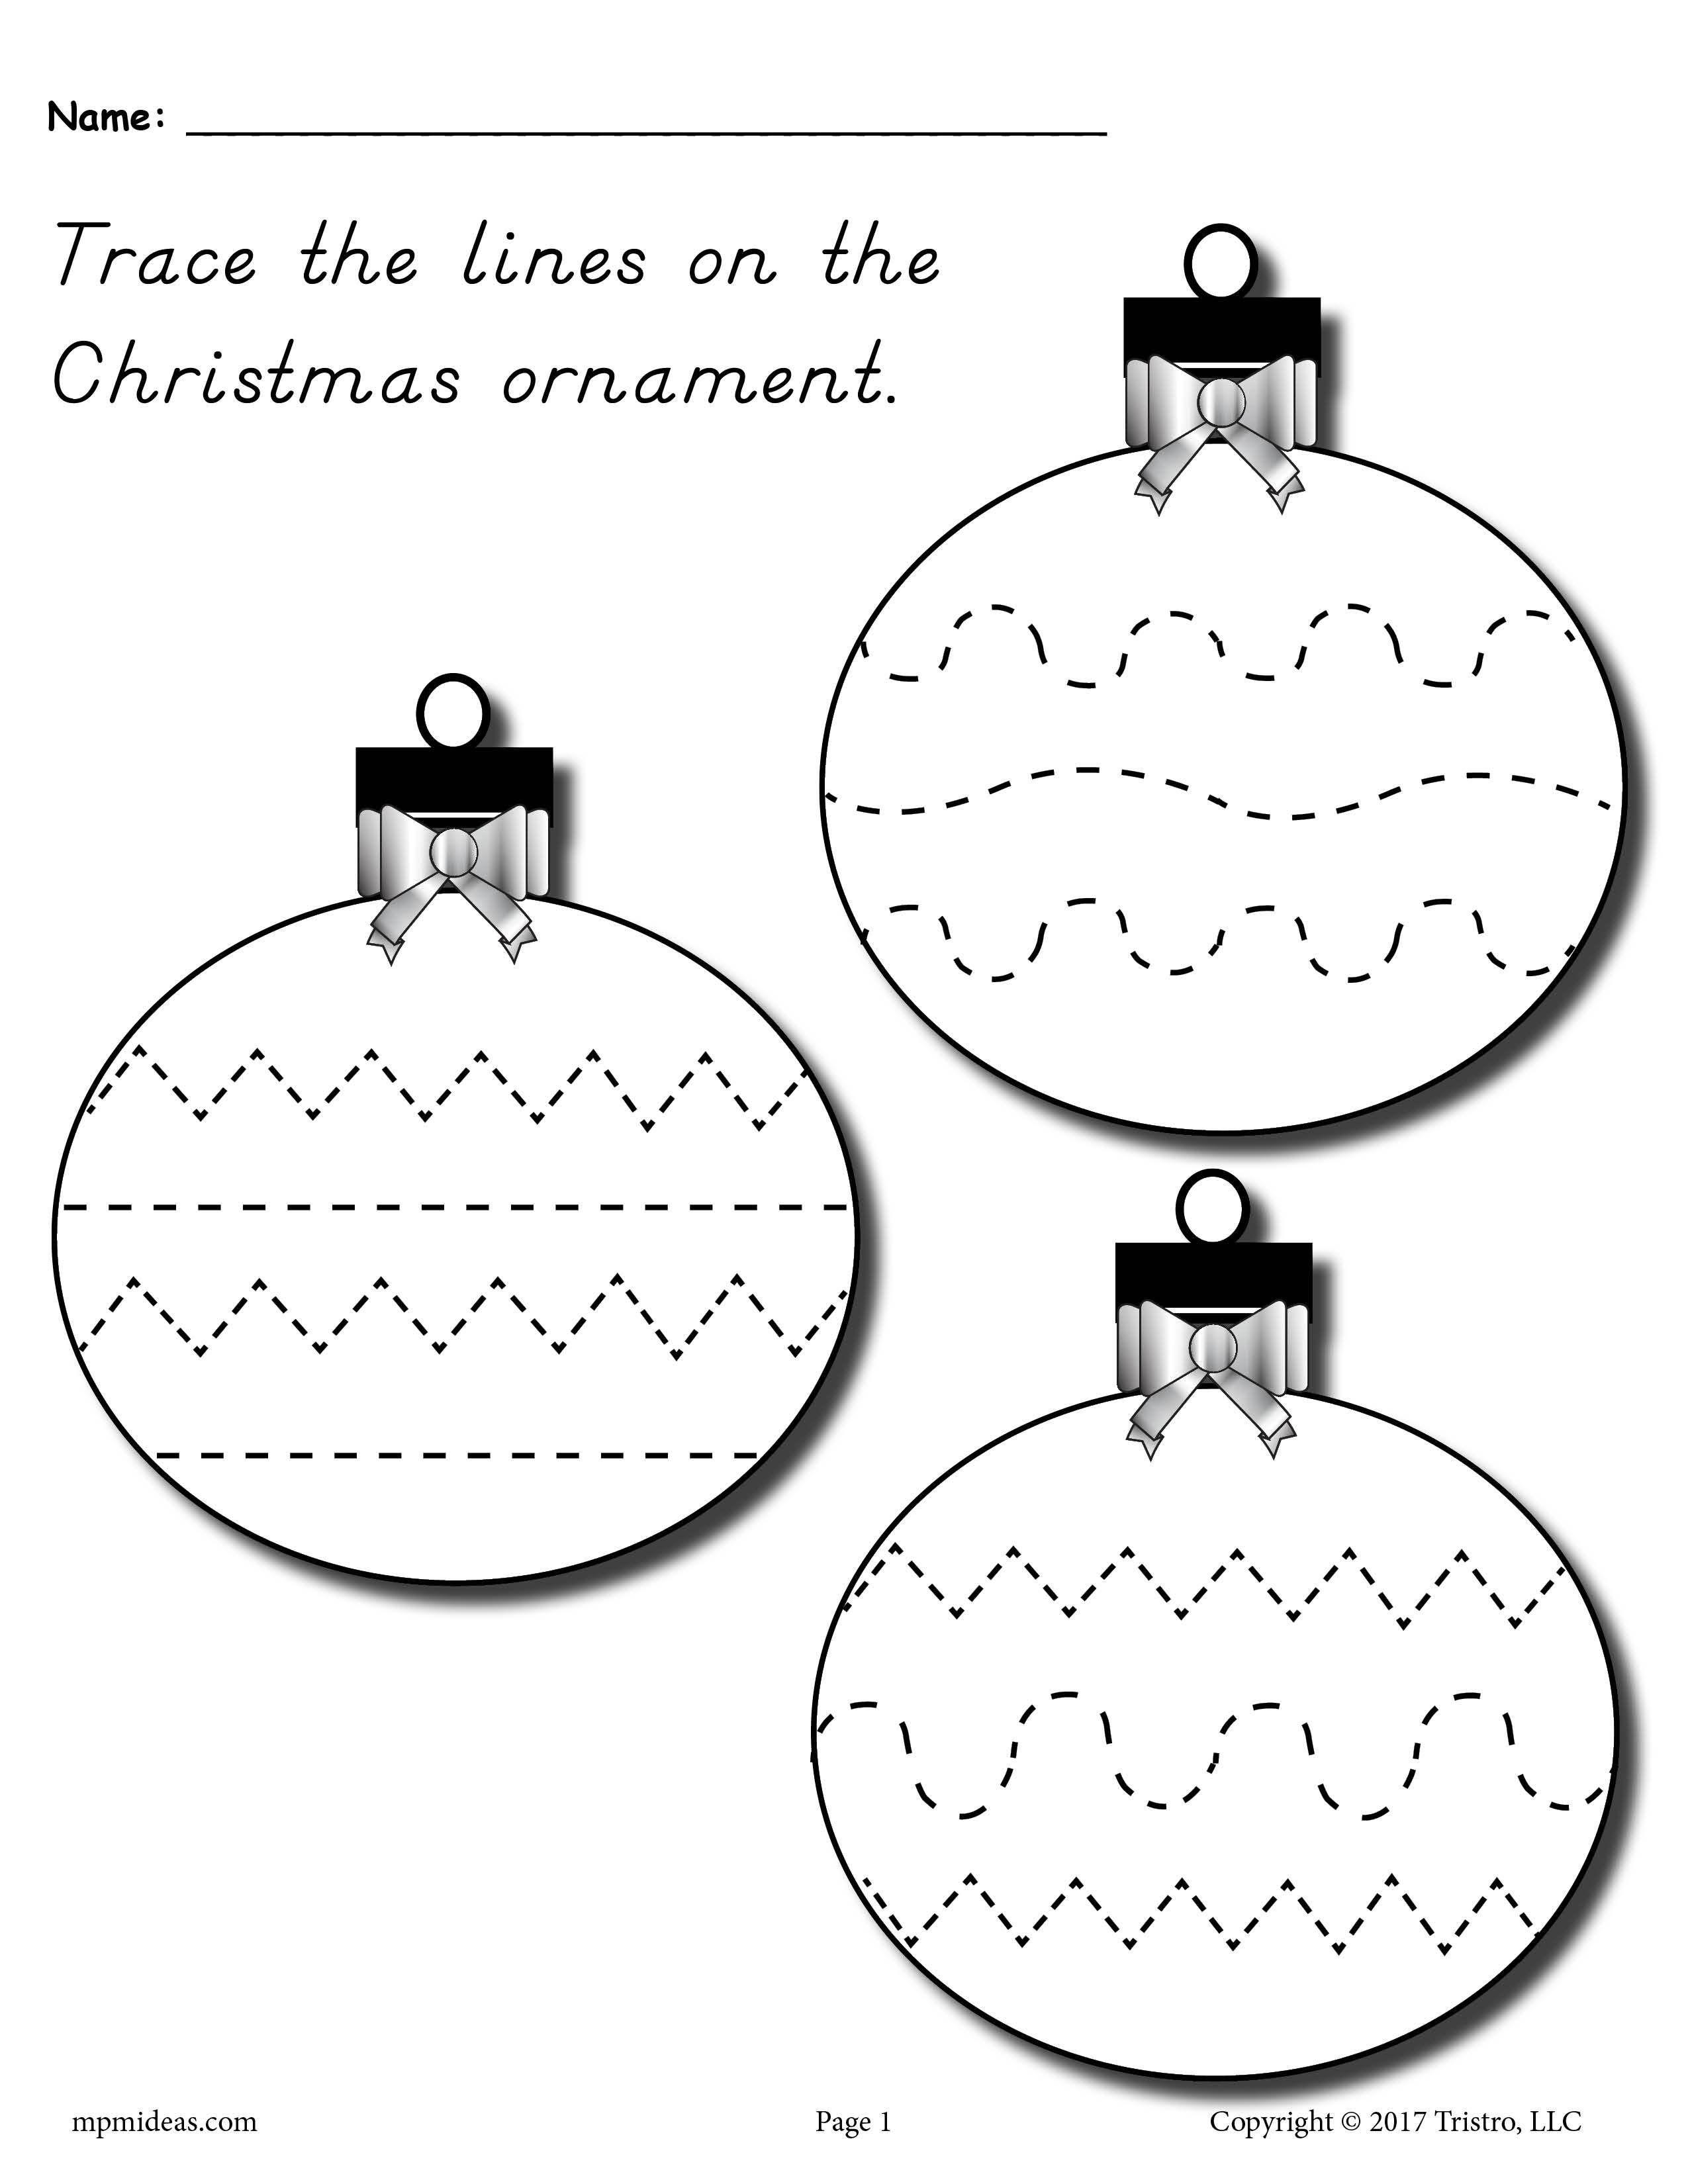 Printable Christmas Ornament Line Tracing Worksheet Printable Christmas Ornaments Preschool Christmas Worksheets Christmas Worksheets [ 3300 x 2550 Pixel ]